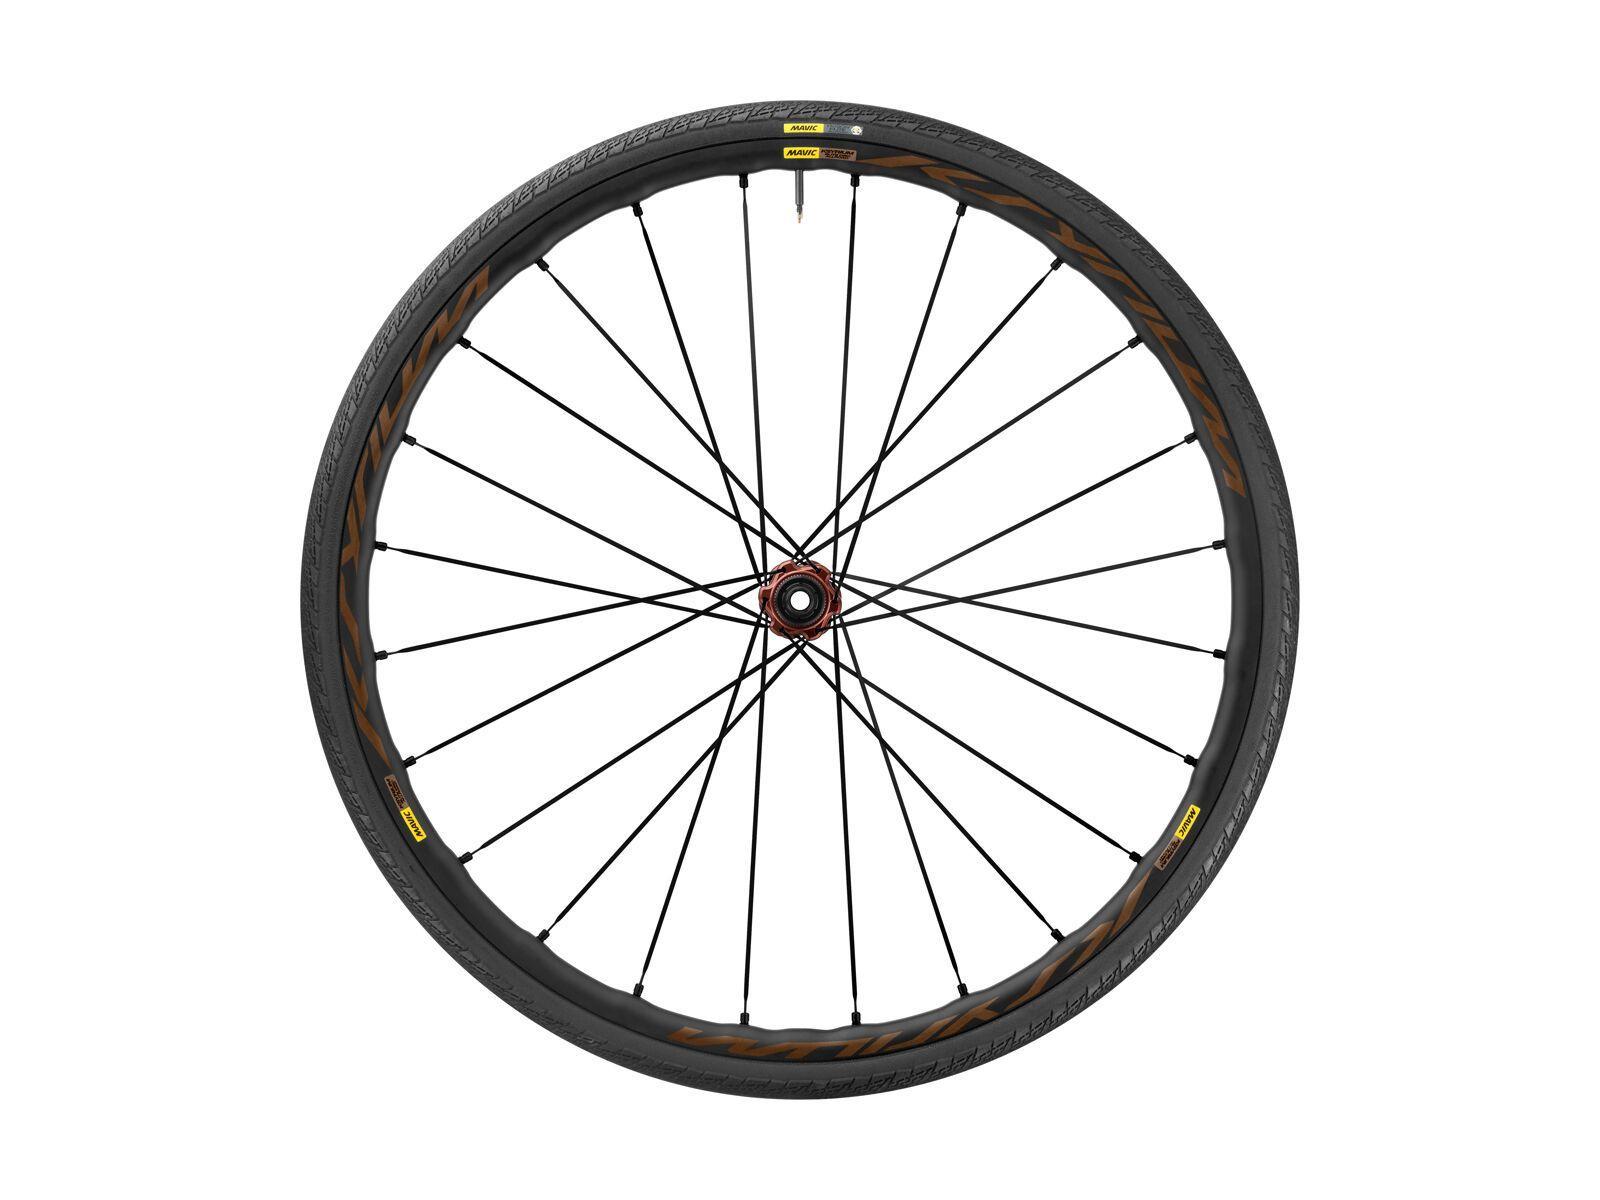 Mavic Ksyrium Elite Disc Allroad Center-Lock, black - Vorderrad, Größe 28 mm Reifen F5990128